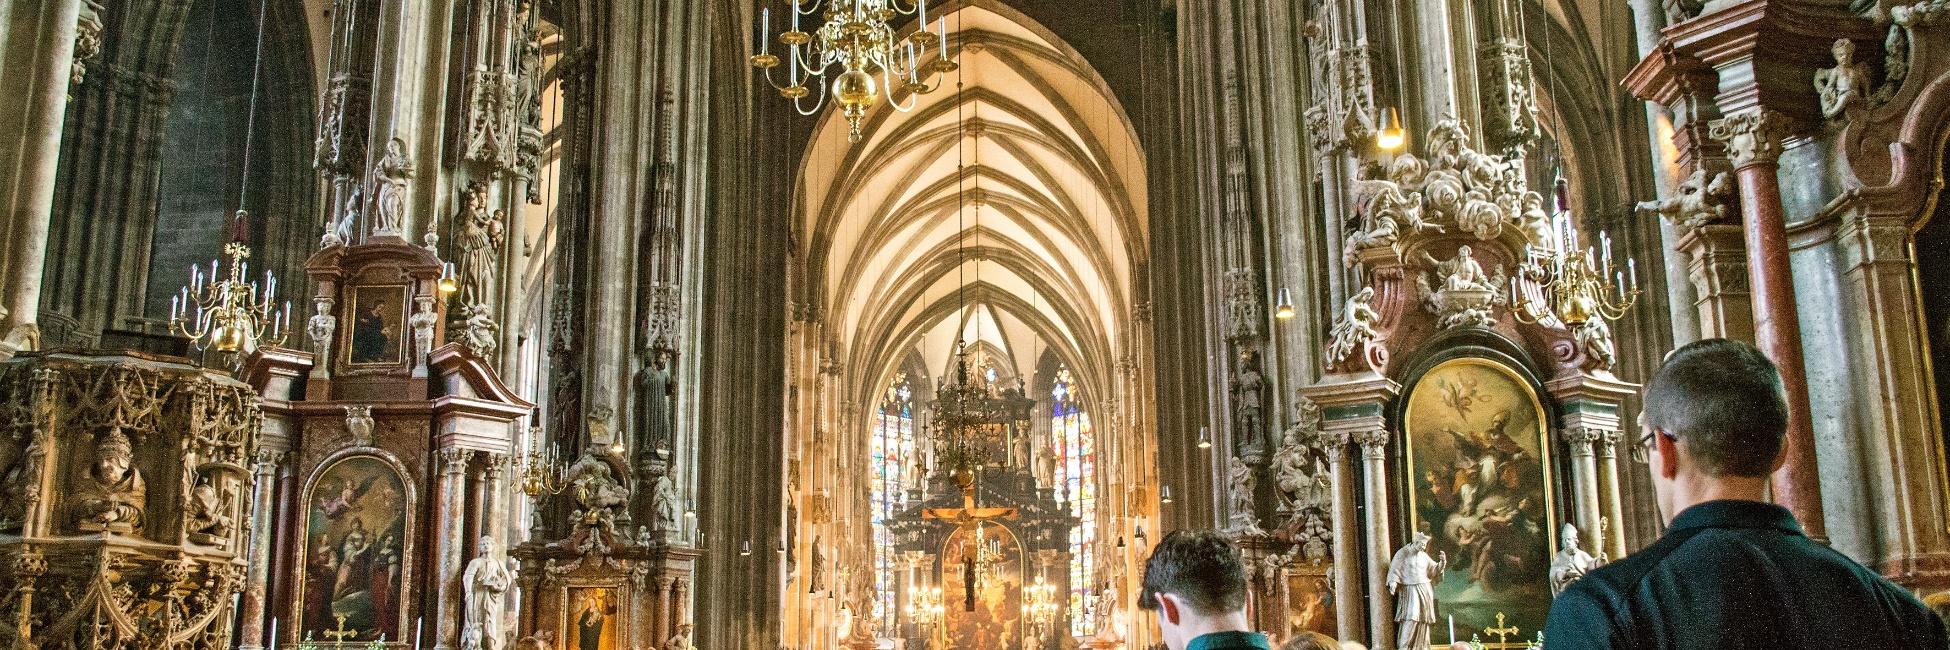 Eglise à Vienne en Autriche